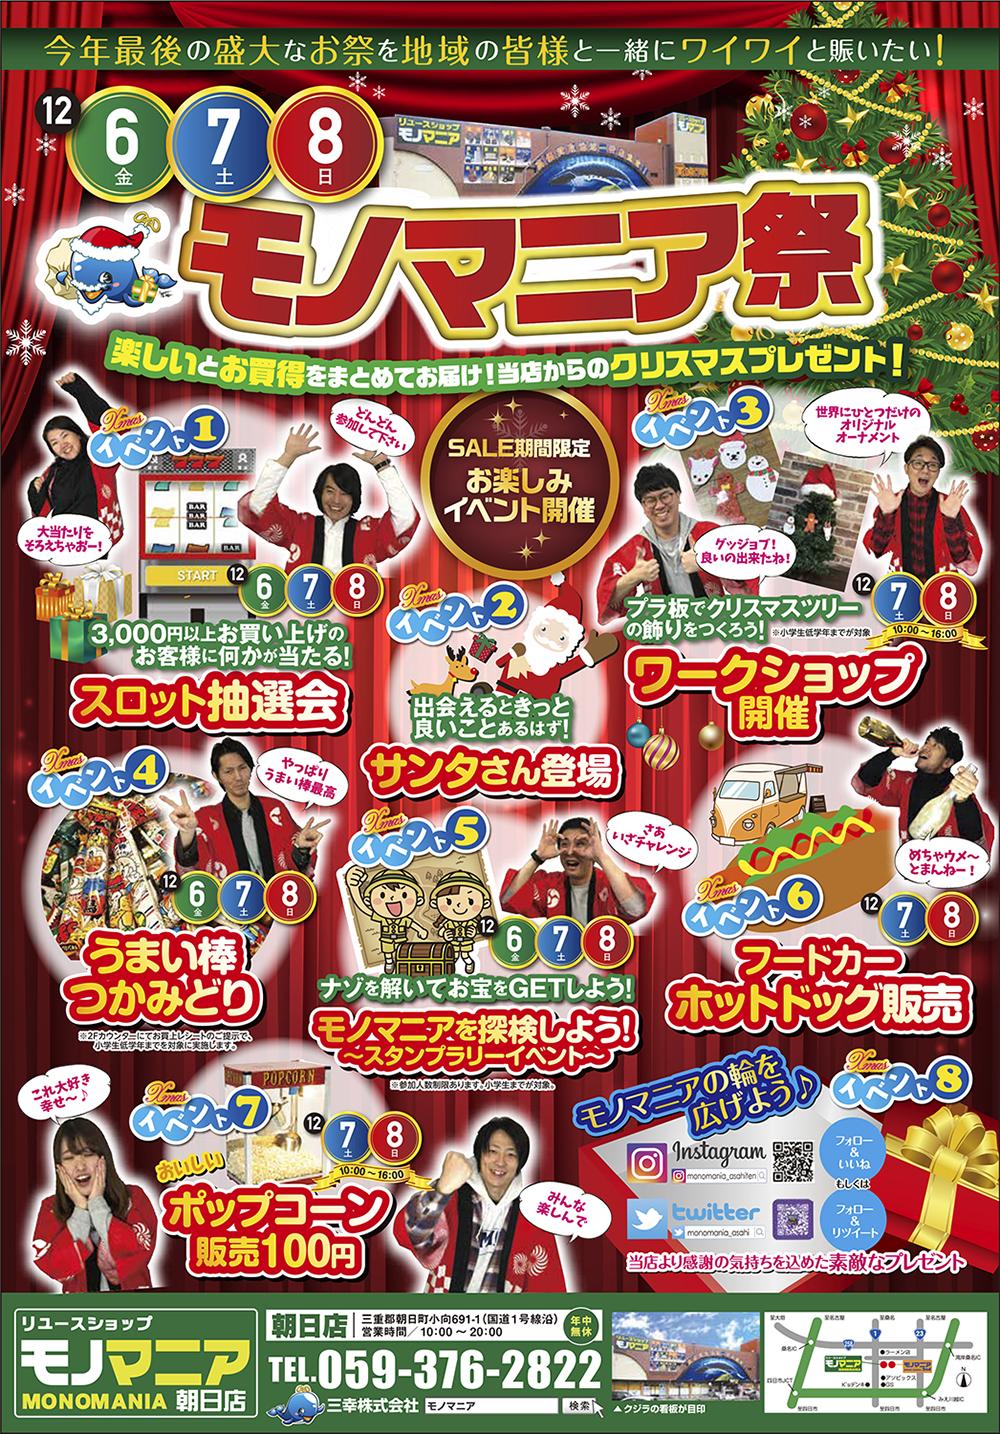 モノマニア祭2019開催【モノマニア朝日店】